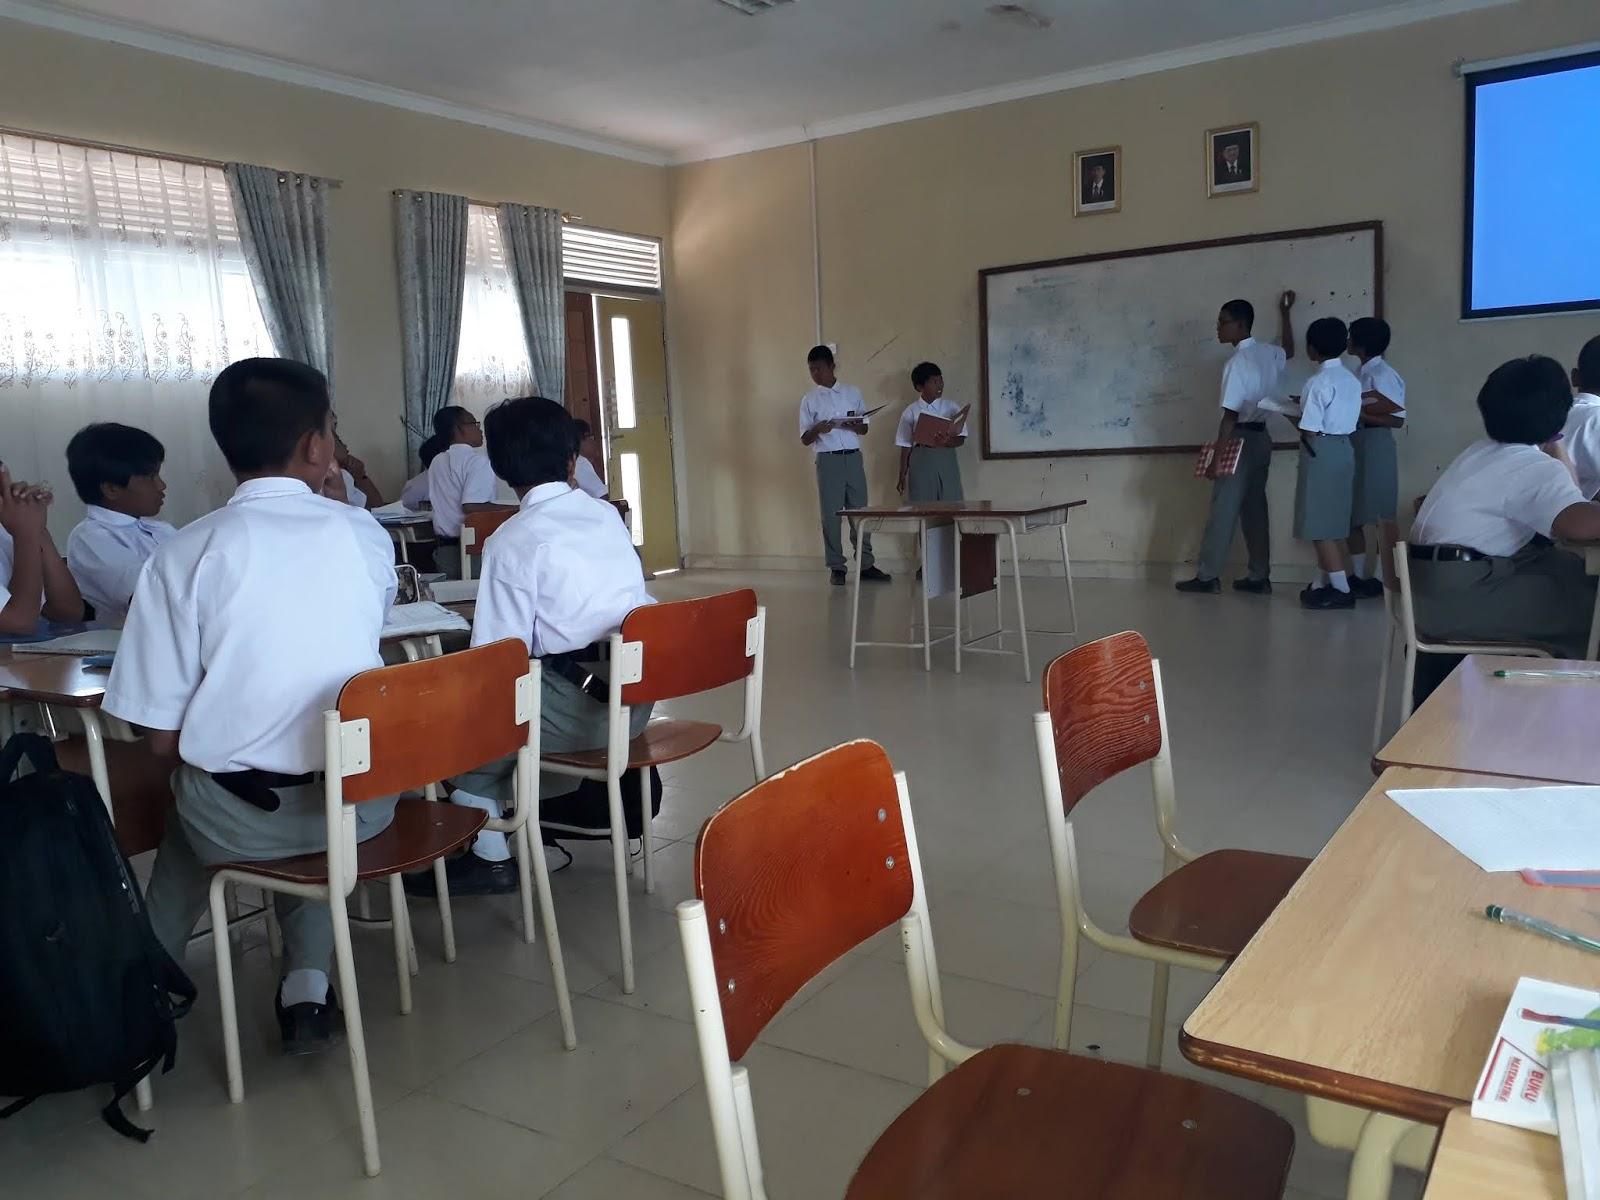 Belajar Membuat Penelitian Tindakan Kelas (PTK): Indentifikasi, Pemilihan, Deskripsi dan Rumusan Masalah PTK